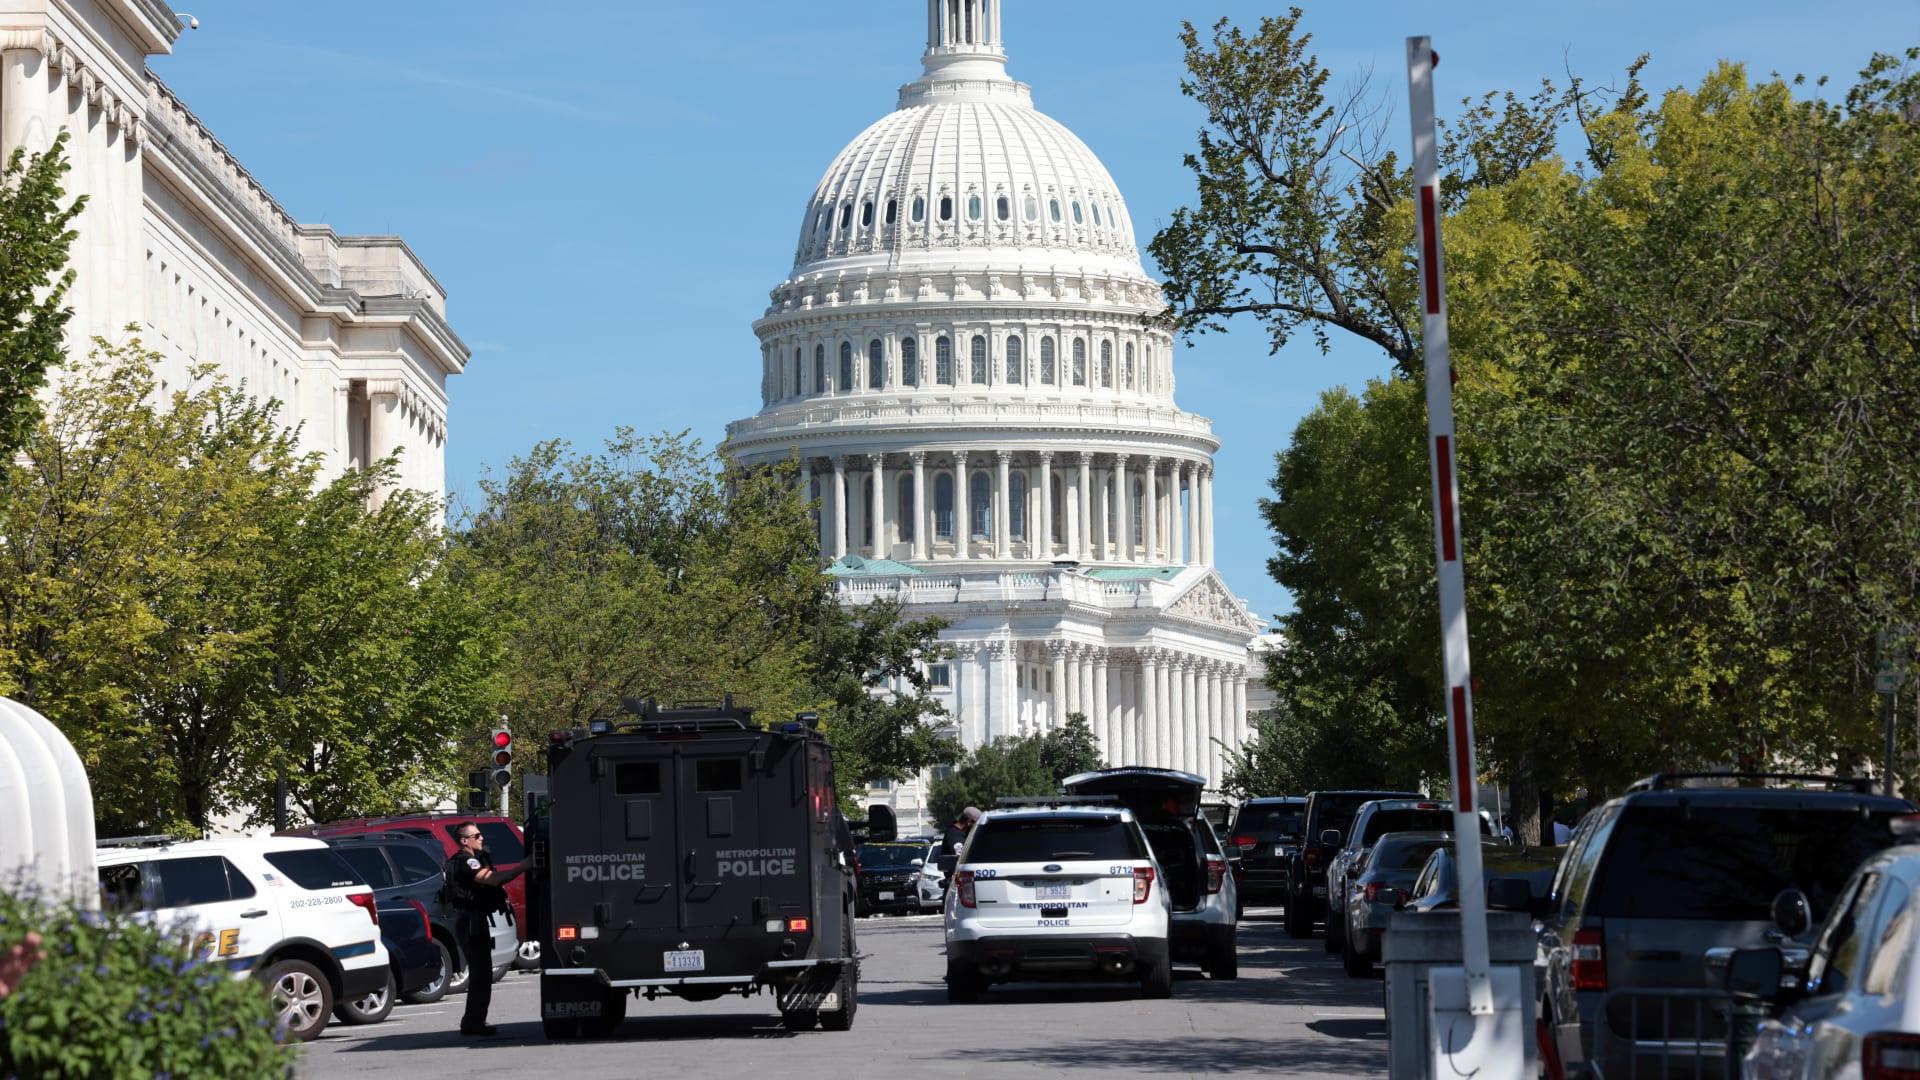 شرطة الكونغرس تستجيب لادعاء بوجود عبوة ناسفة في شاحنة صغيرة بالقرب من مكتبة الكونغرس، في 19 أغسطس